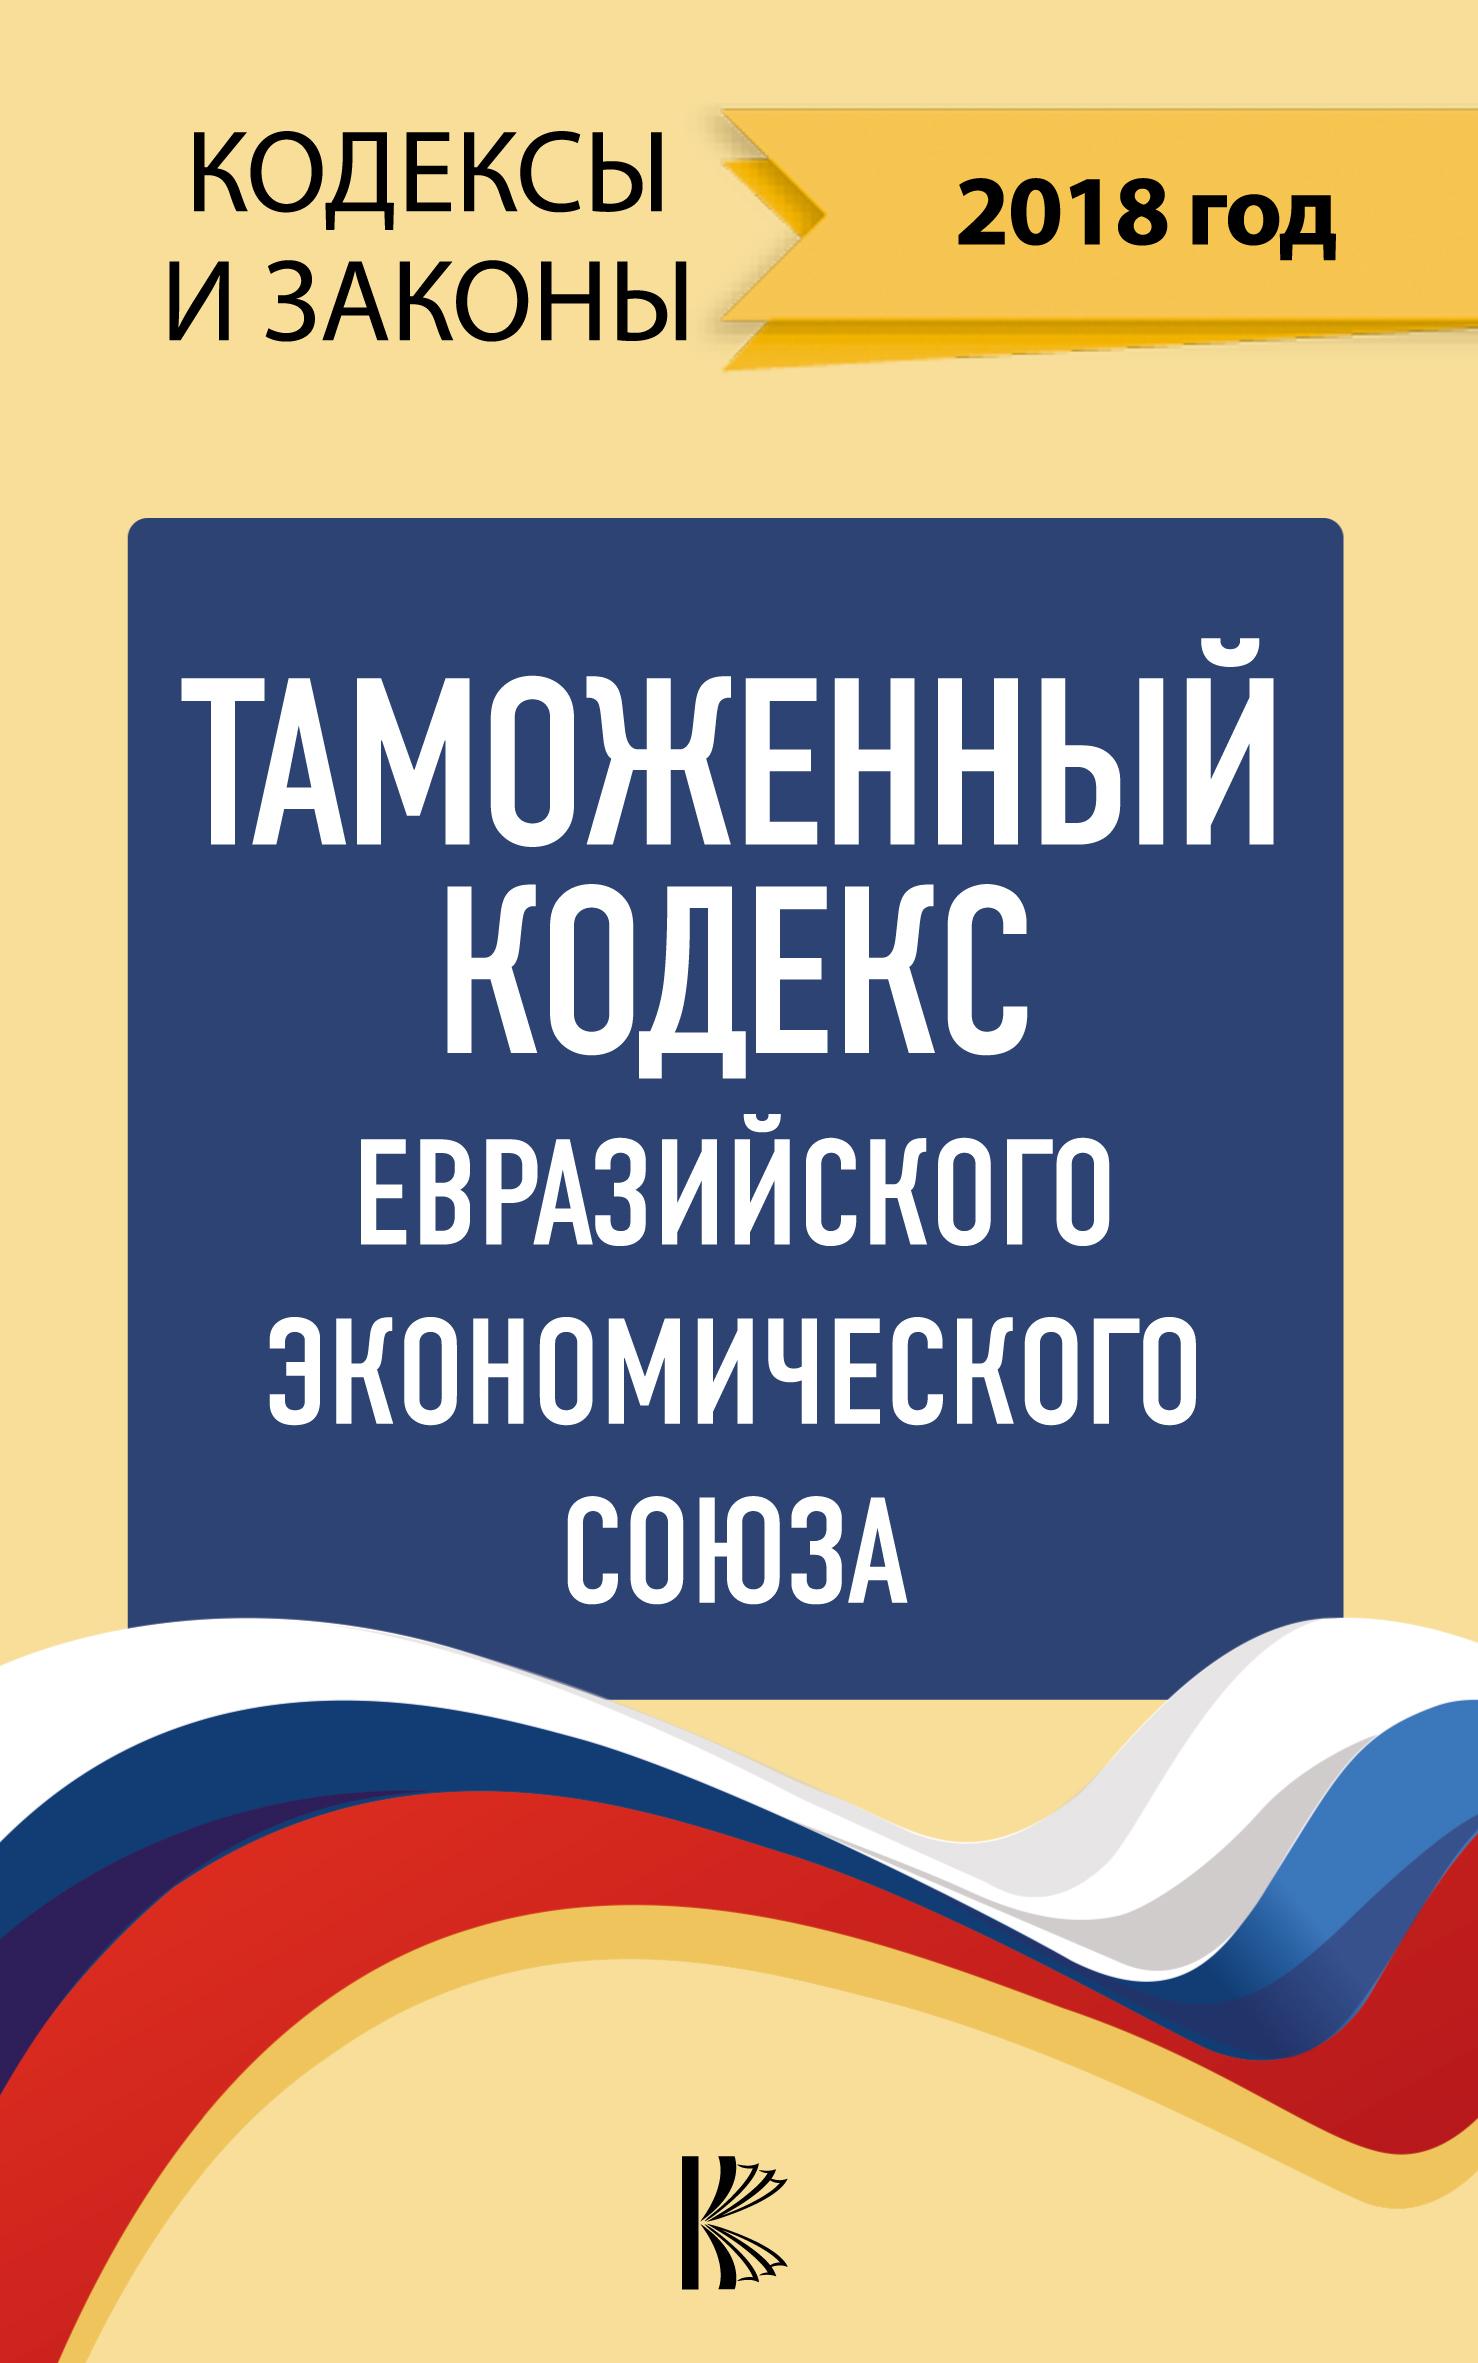 Нормативные правовые акты Таможенный кодекс Евразийского экономического союза на 2018 год ISBN: 978-5-17-109593-2 цена